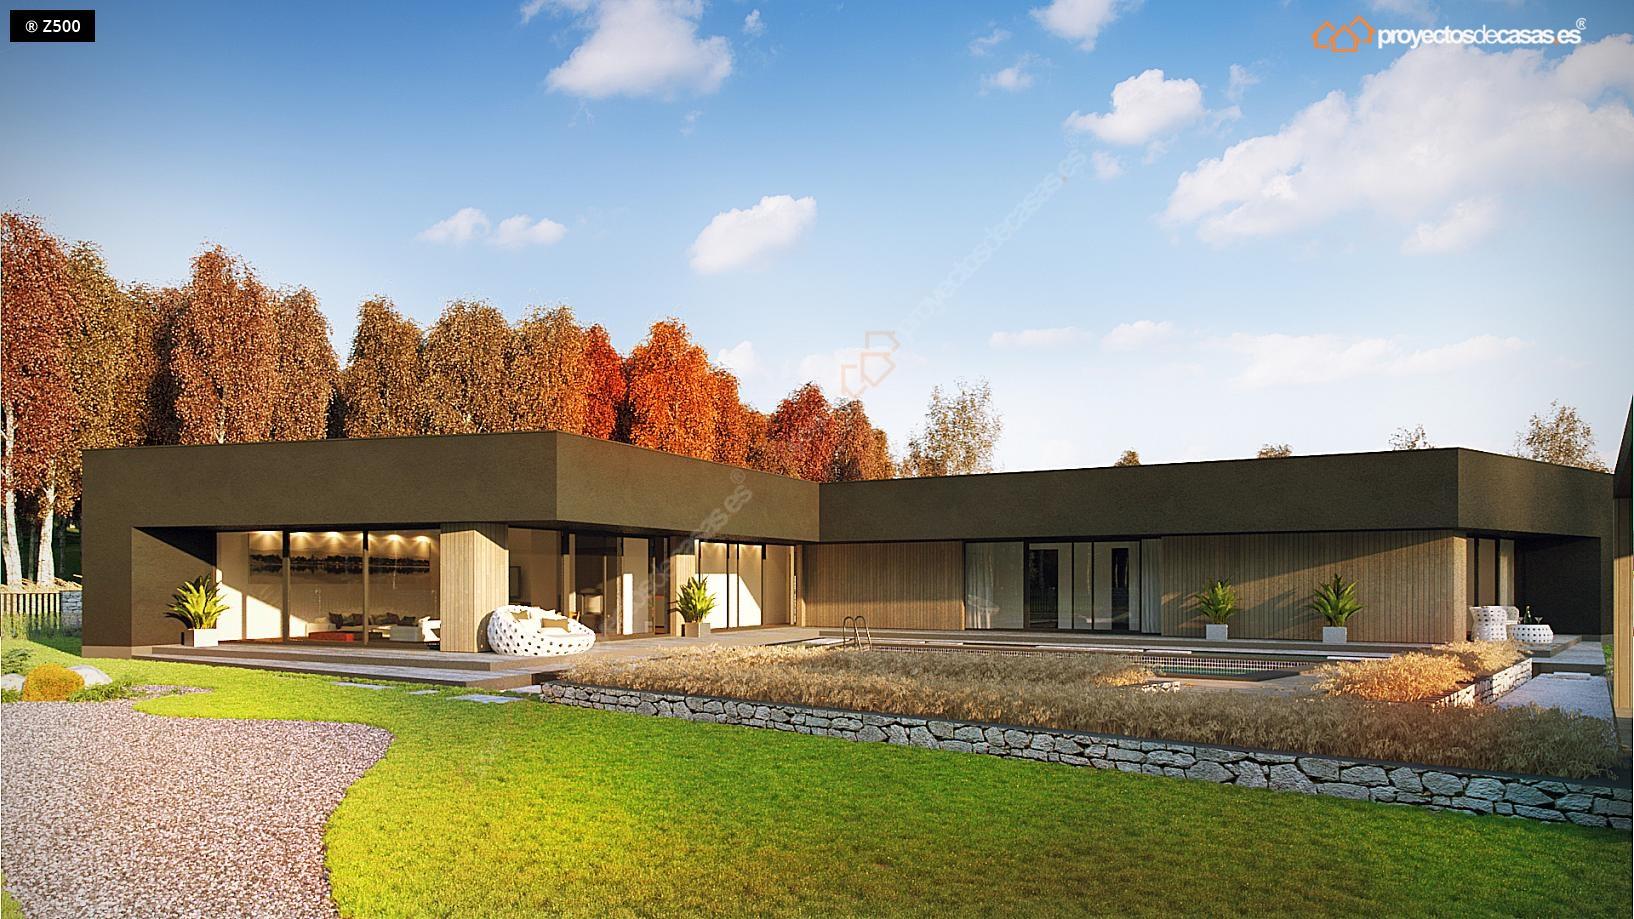 proyectos de casas casa minimalista diseamos y construimos casas en toda espaa